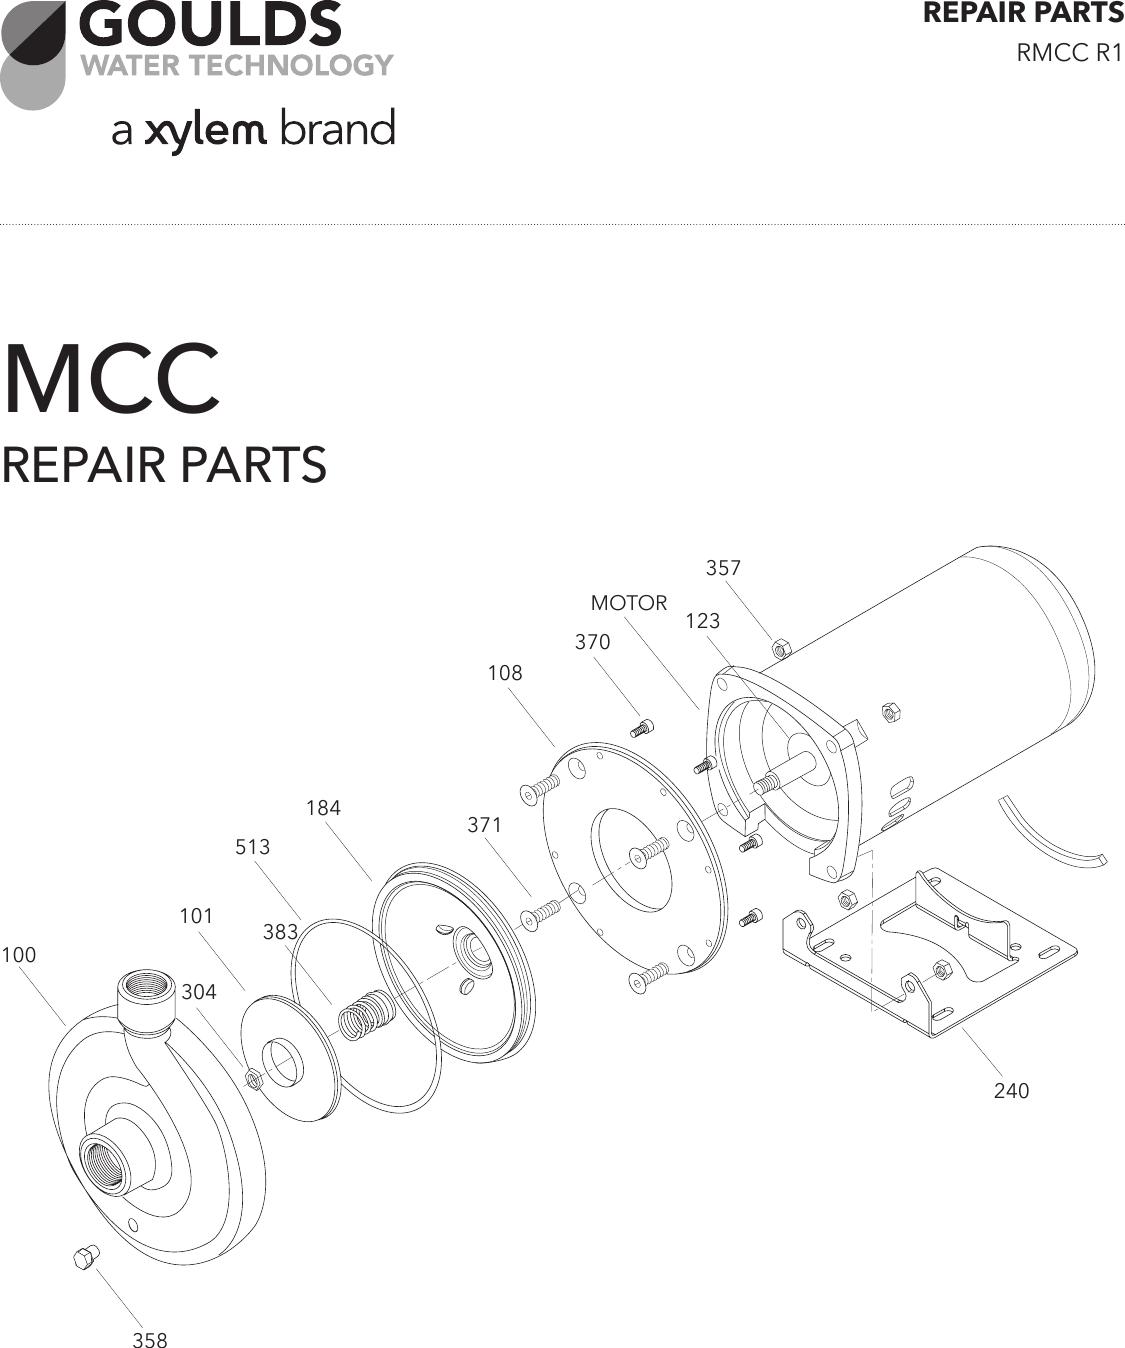 539028 1 Goulds MCC Repair Parts